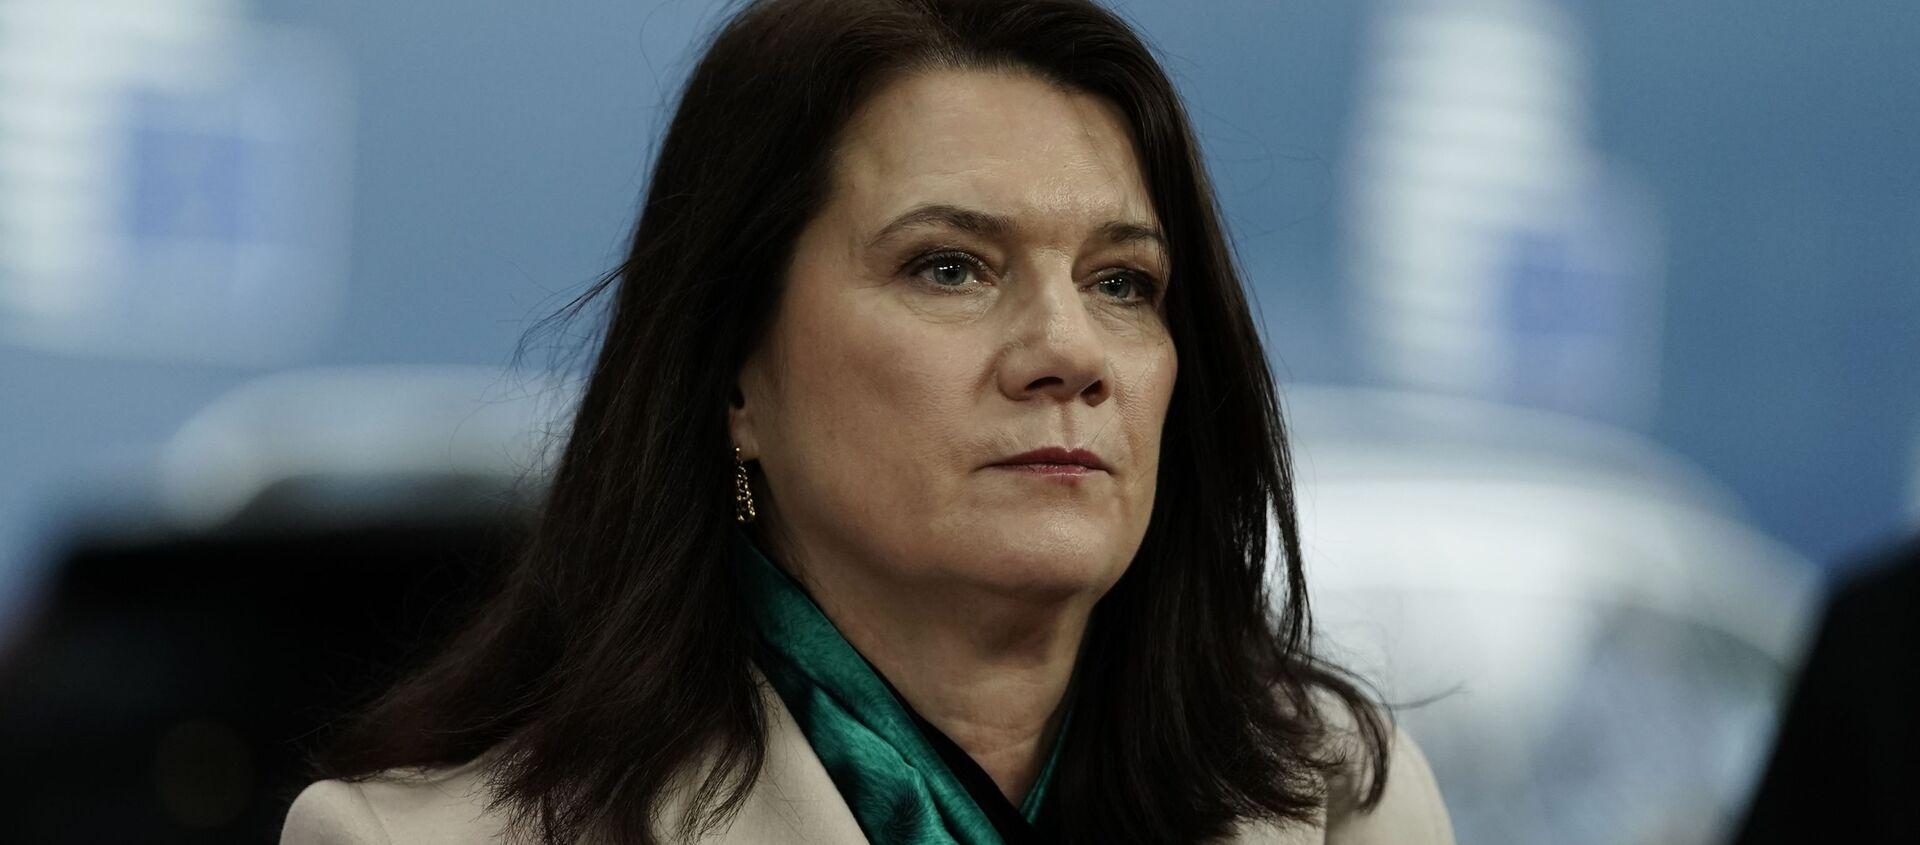 Министр иностранных дел Швеции Анн Линде - Sputnik Латвия, 1920, 02.02.2021